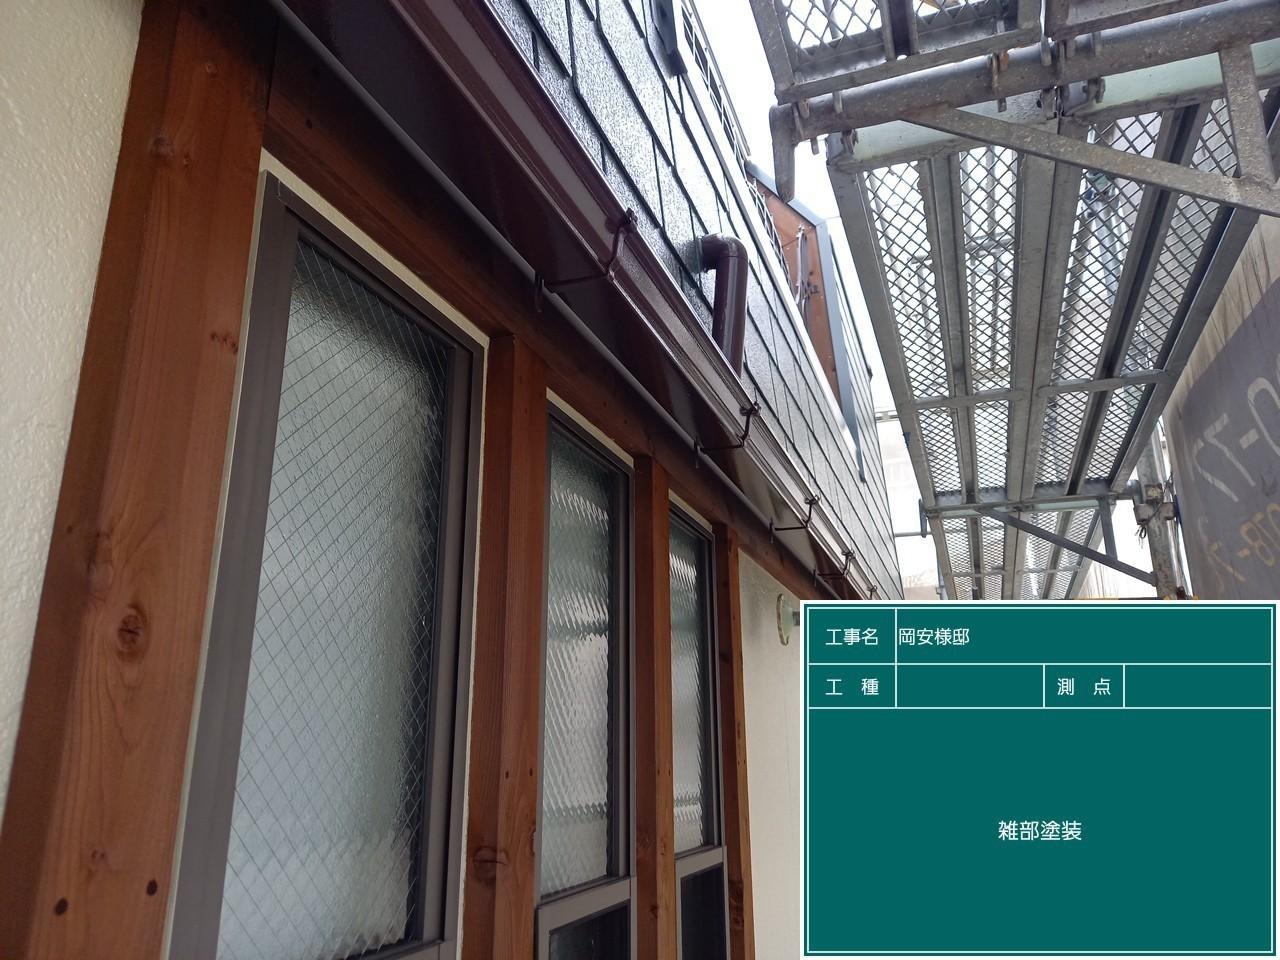 神戸市垂水区での外壁塗装工事で木部に防腐剤を塗った様子